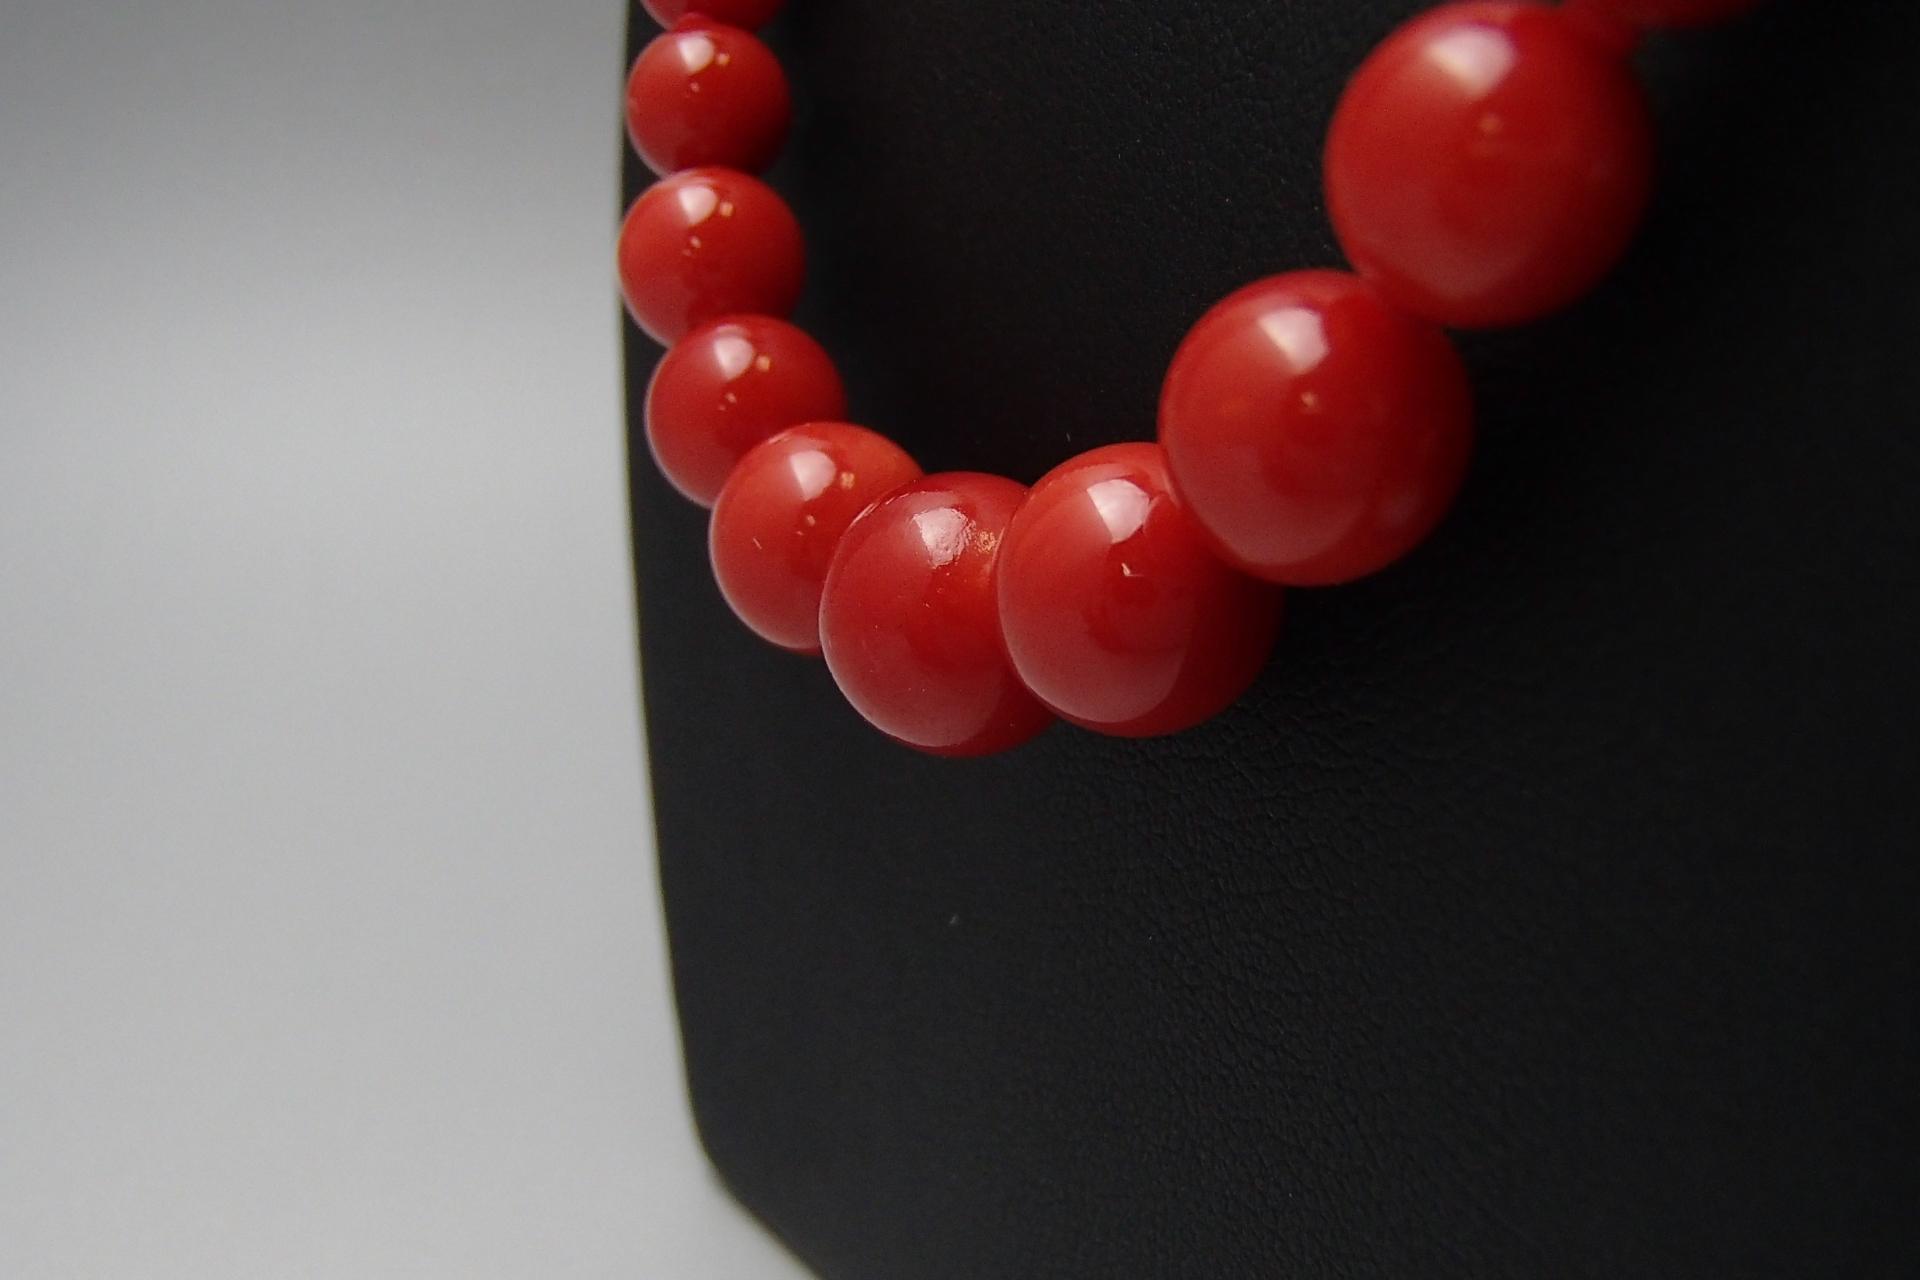 赤珊瑚数珠の買取価格を知りたい方にオススメの記事